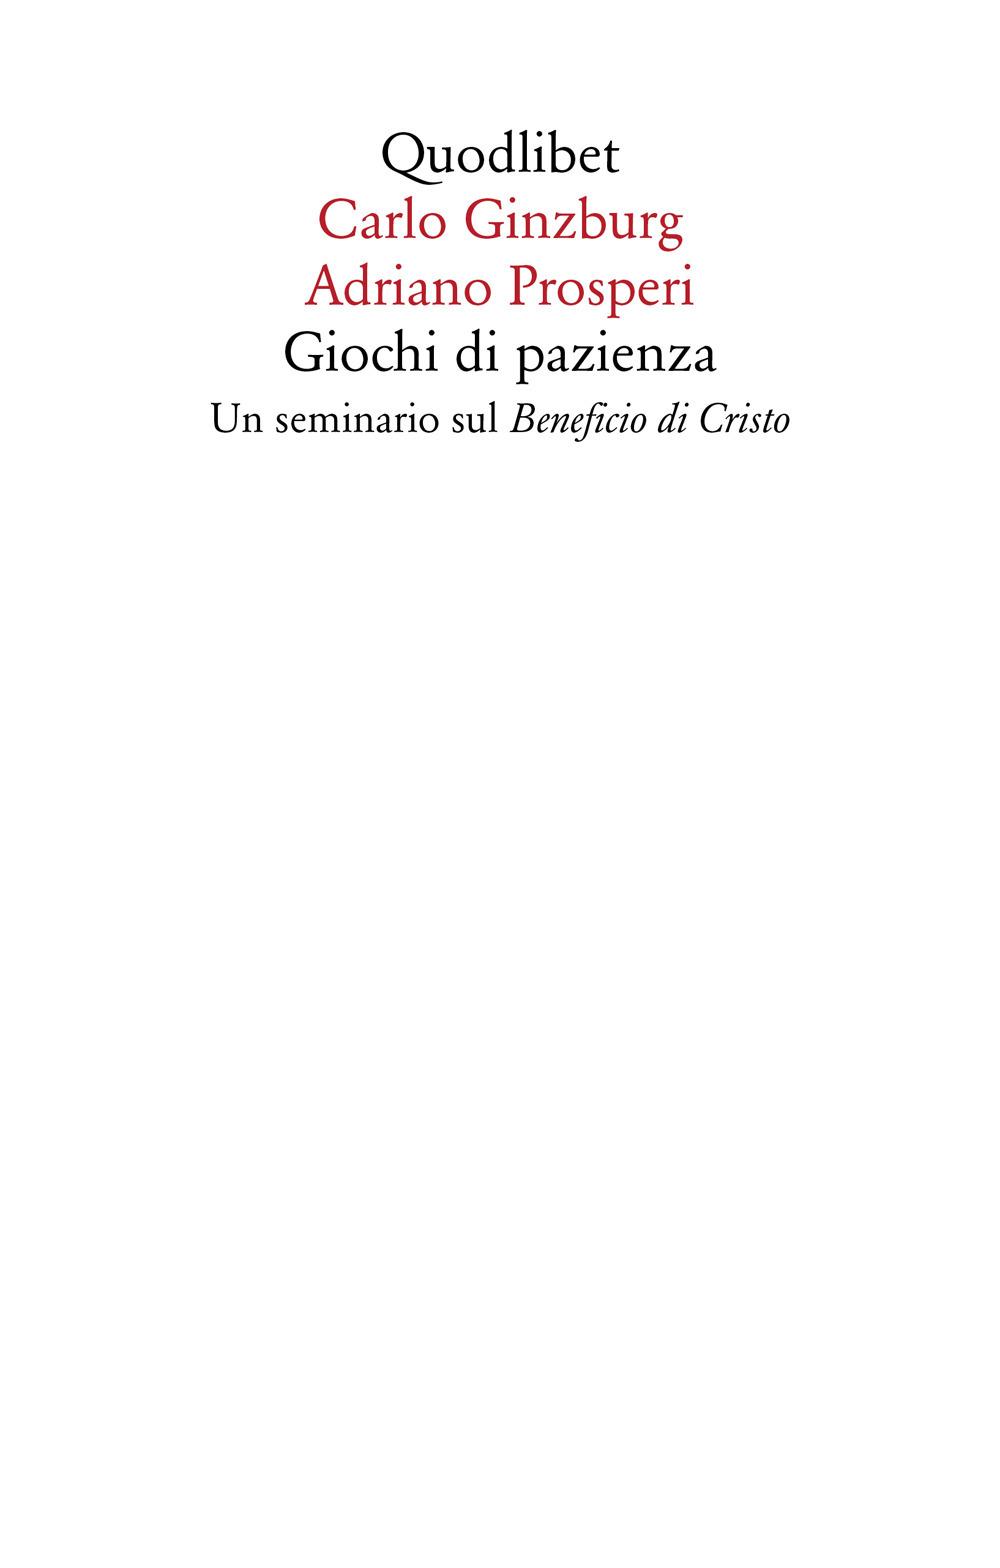 GIOCHI DI PAZIENZA. UN SEMINARIO SUL «BENEFICIO DI CRISTO» - Ginzburg Carlo; Prosperi Adriano - 9788822904959